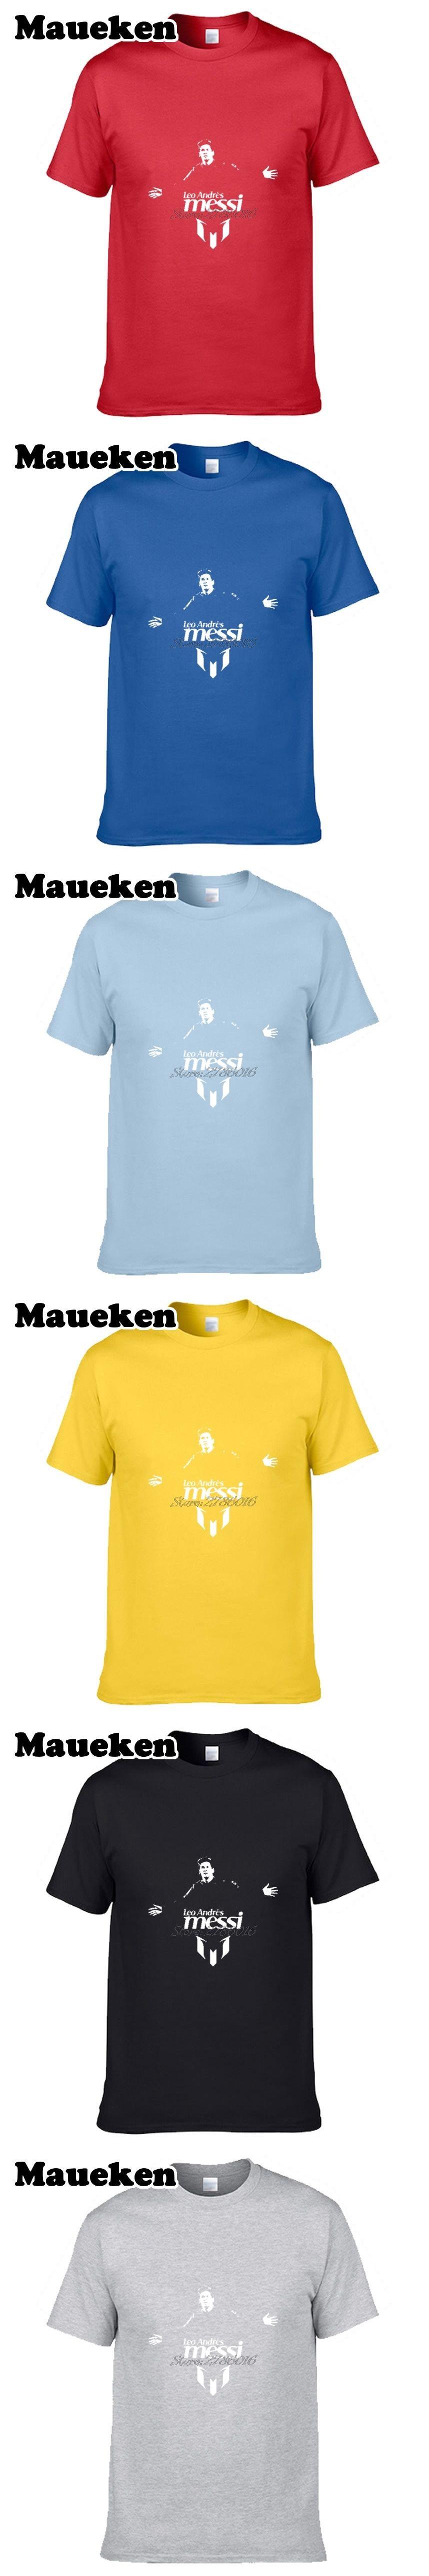 e2a87a59 Men's T-Shirt Lionel Messi #10 futbol Short Sleeve Man casual 100 ...